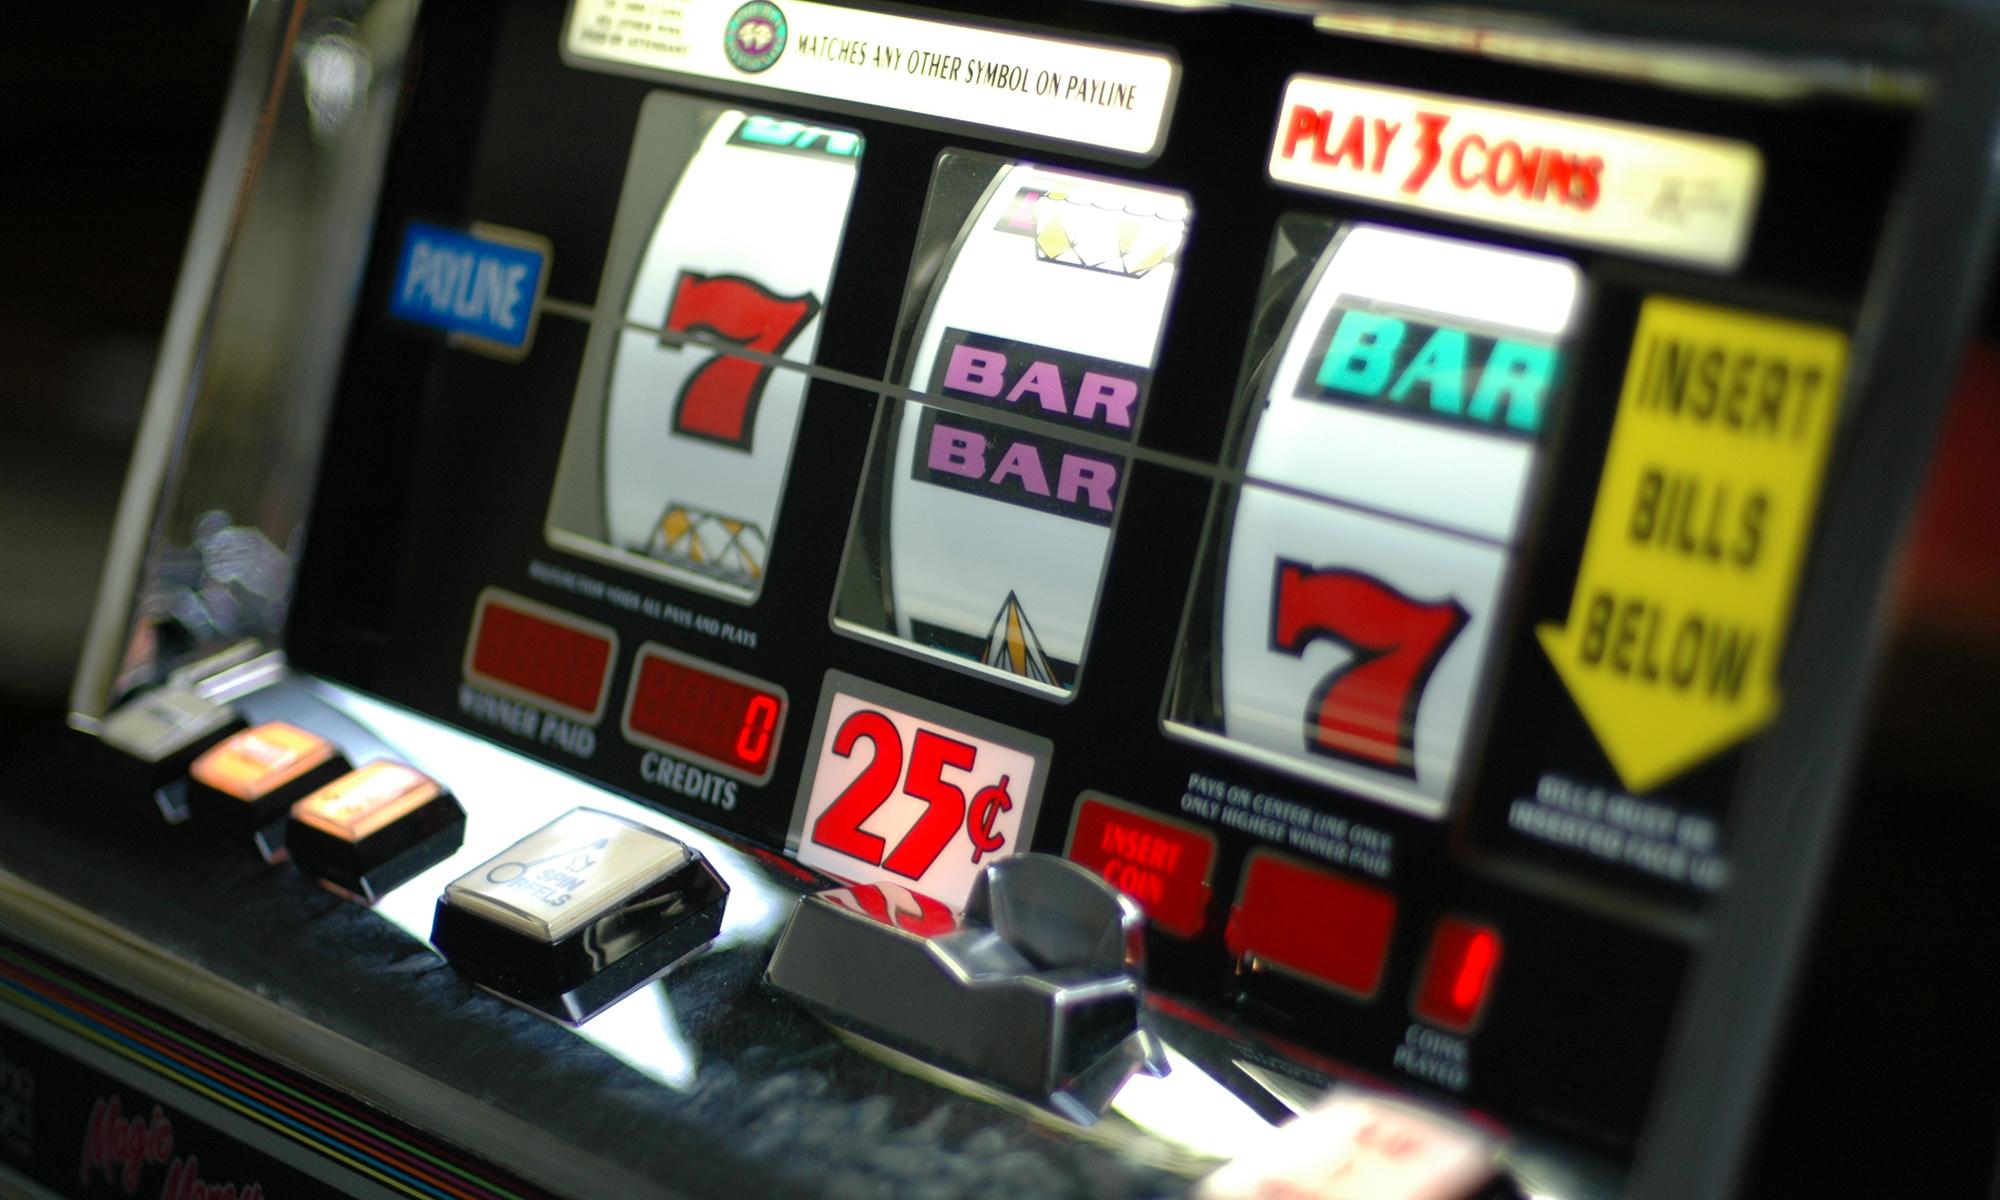 オンラインカジノこれだけは知っておこう5か条